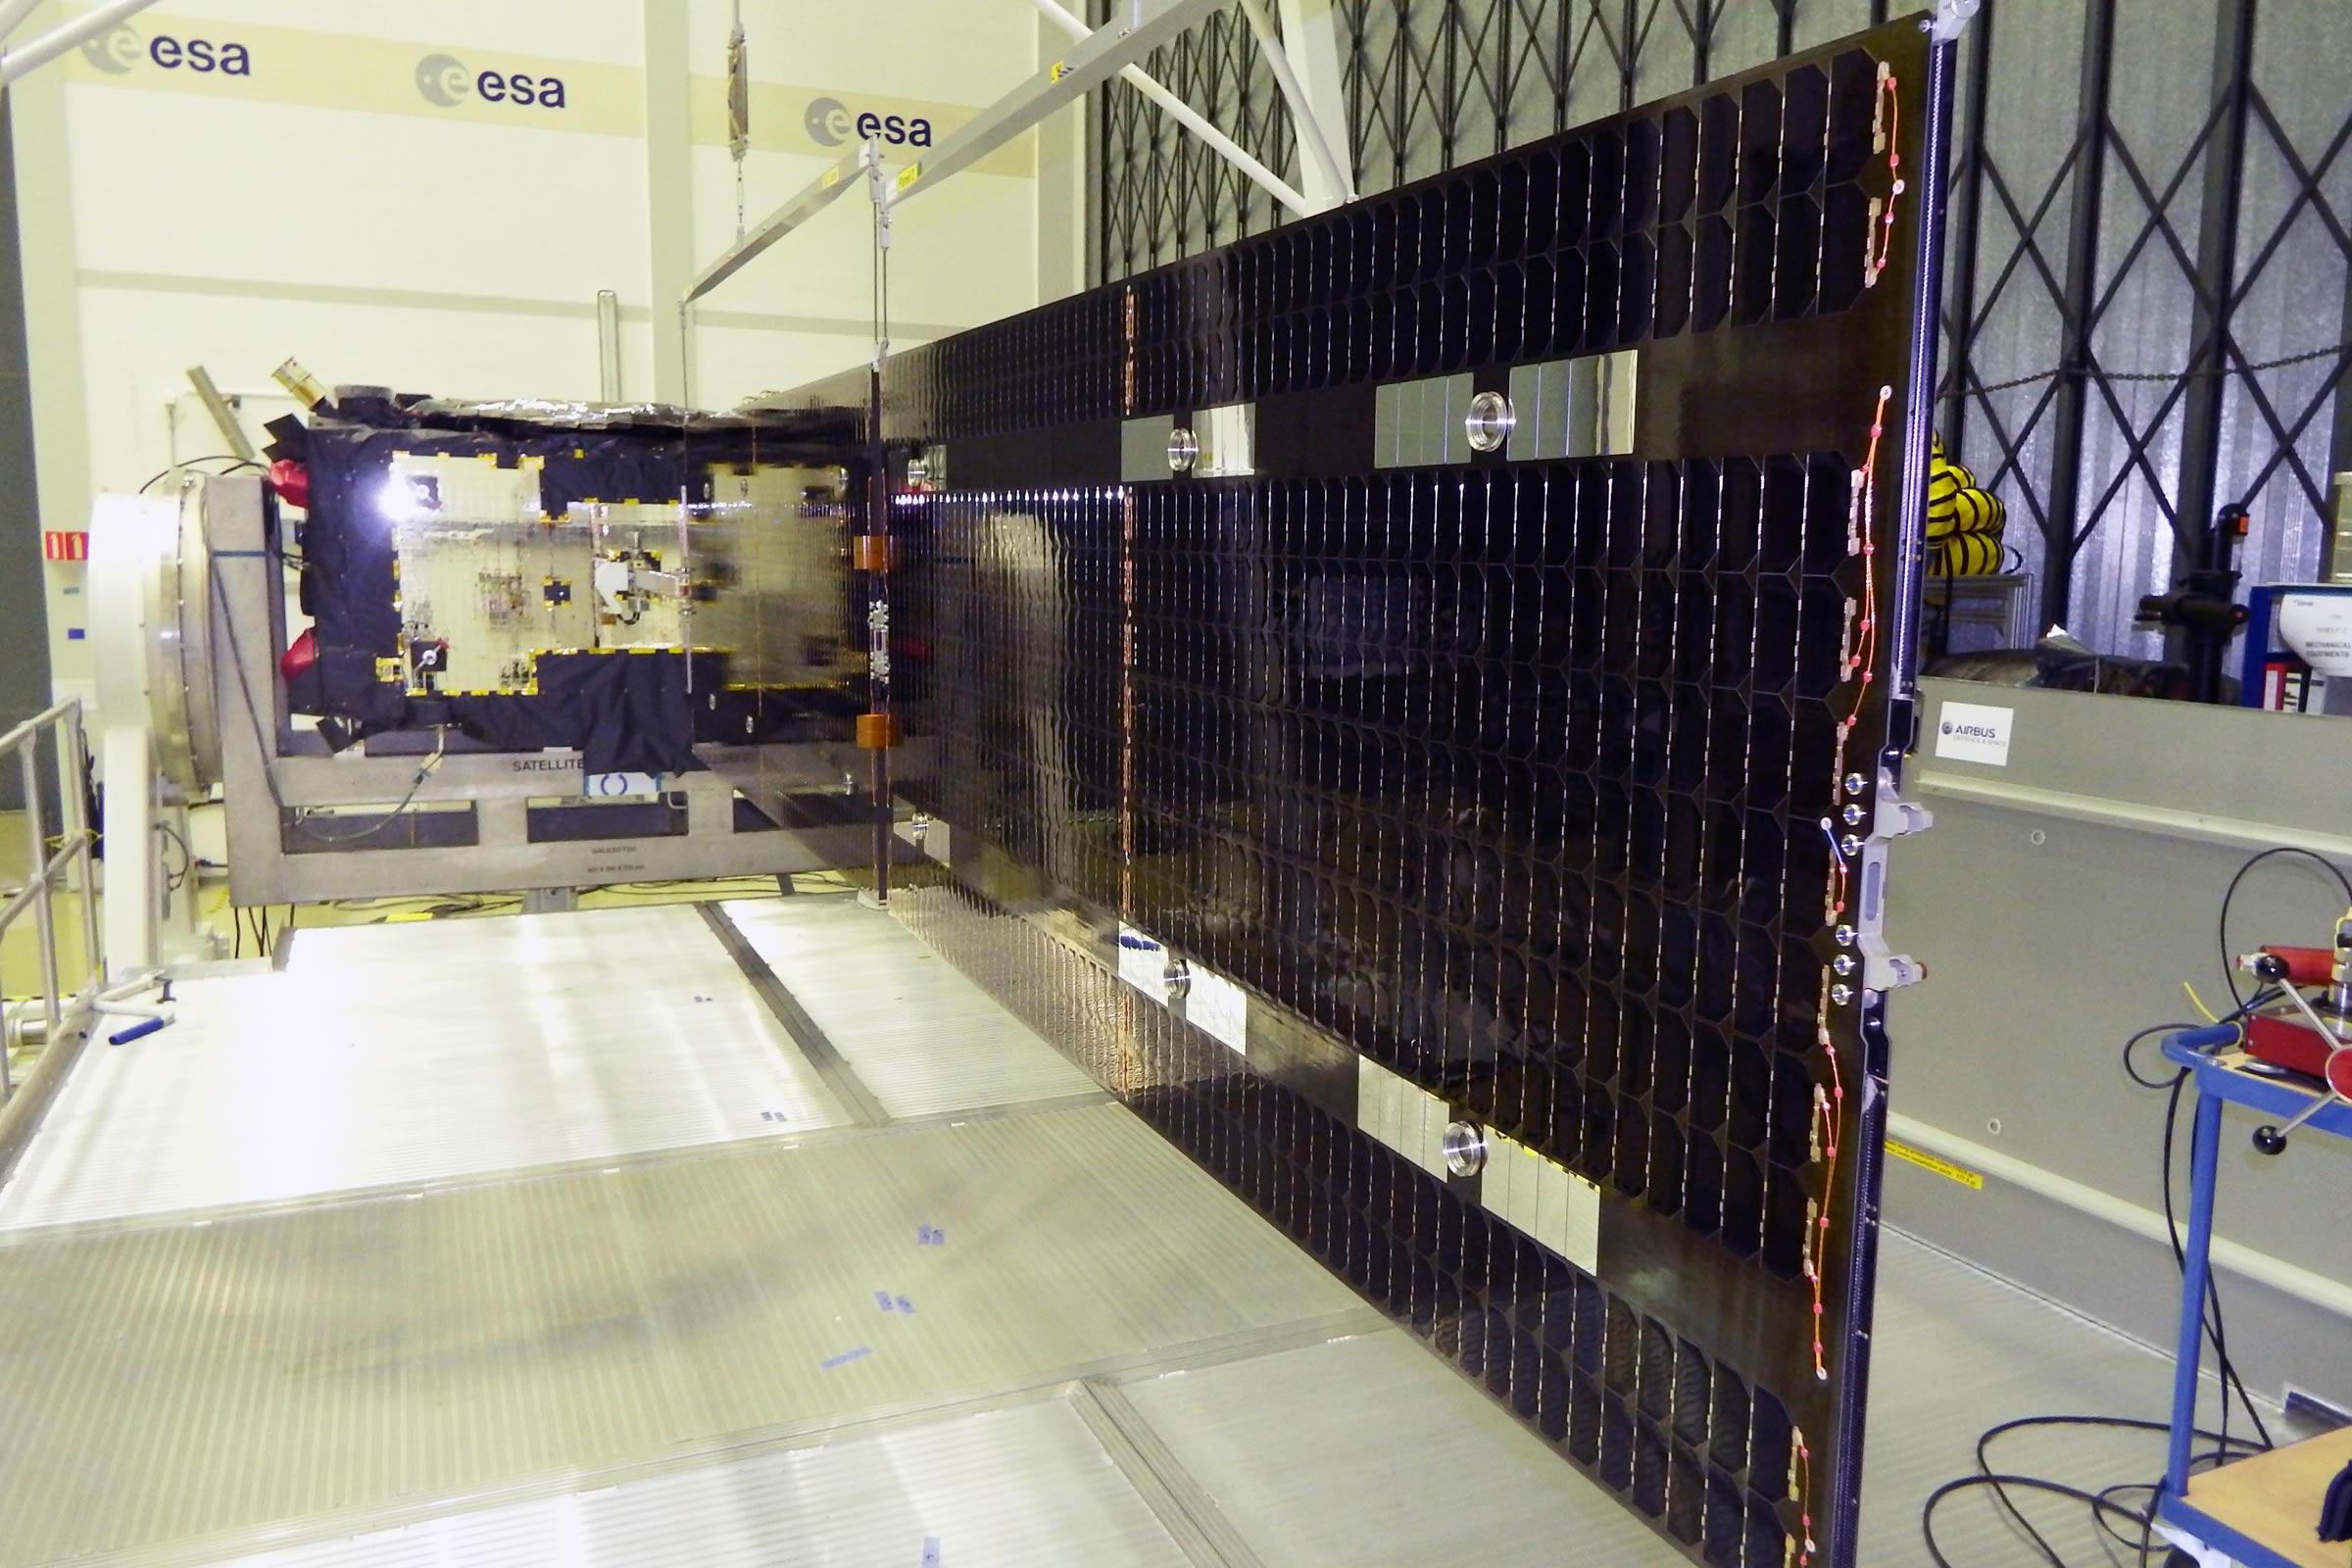 Pětimetrové solární křídlo družice Galileo / foto S. Bury, ESA/OHB